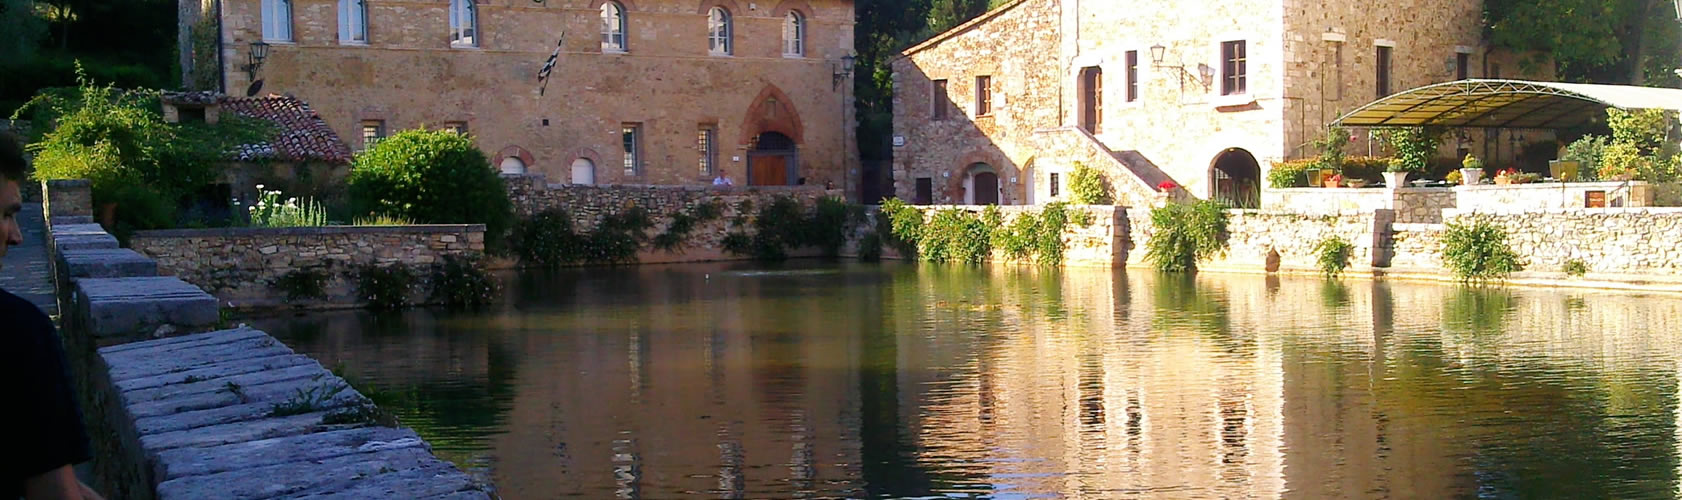 Terme Bagno Vignoni Hotel Terme Bagno Vignoni Siena - Albergo i Due ...